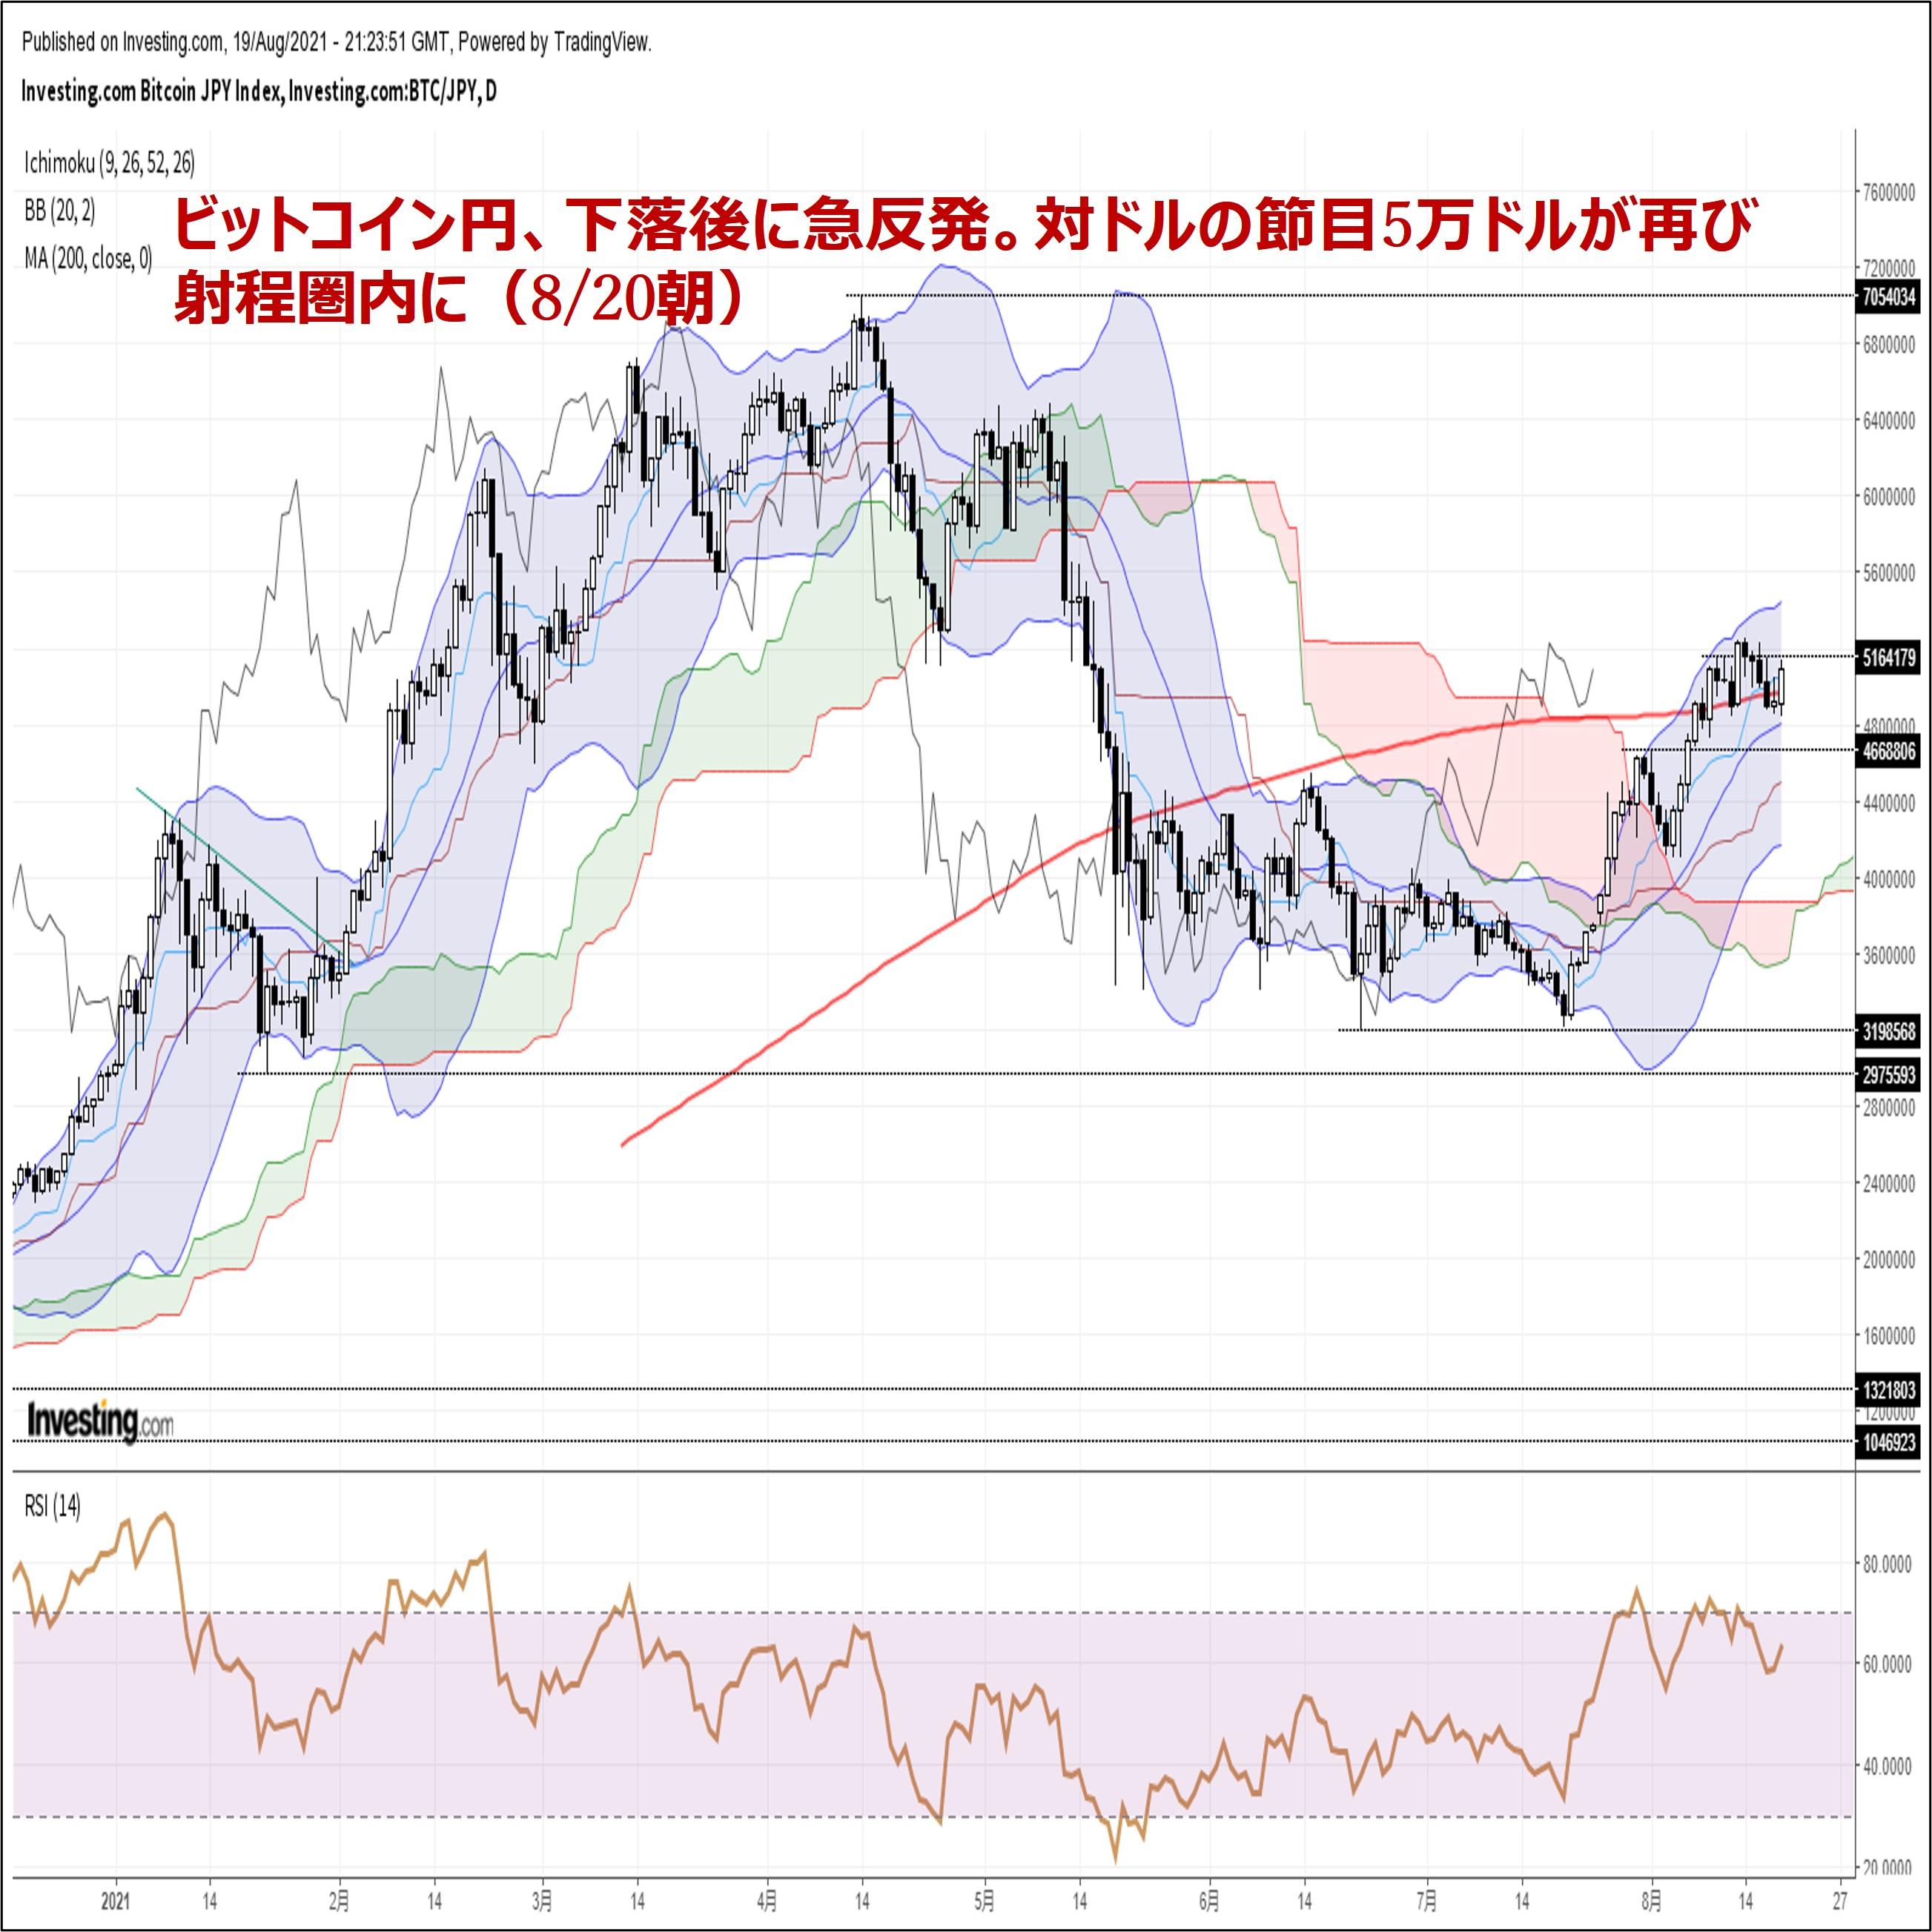 ビットコイン円、下落後に急反発。対ドルの節目5万ドルが再び射程圏内に(8/20朝)